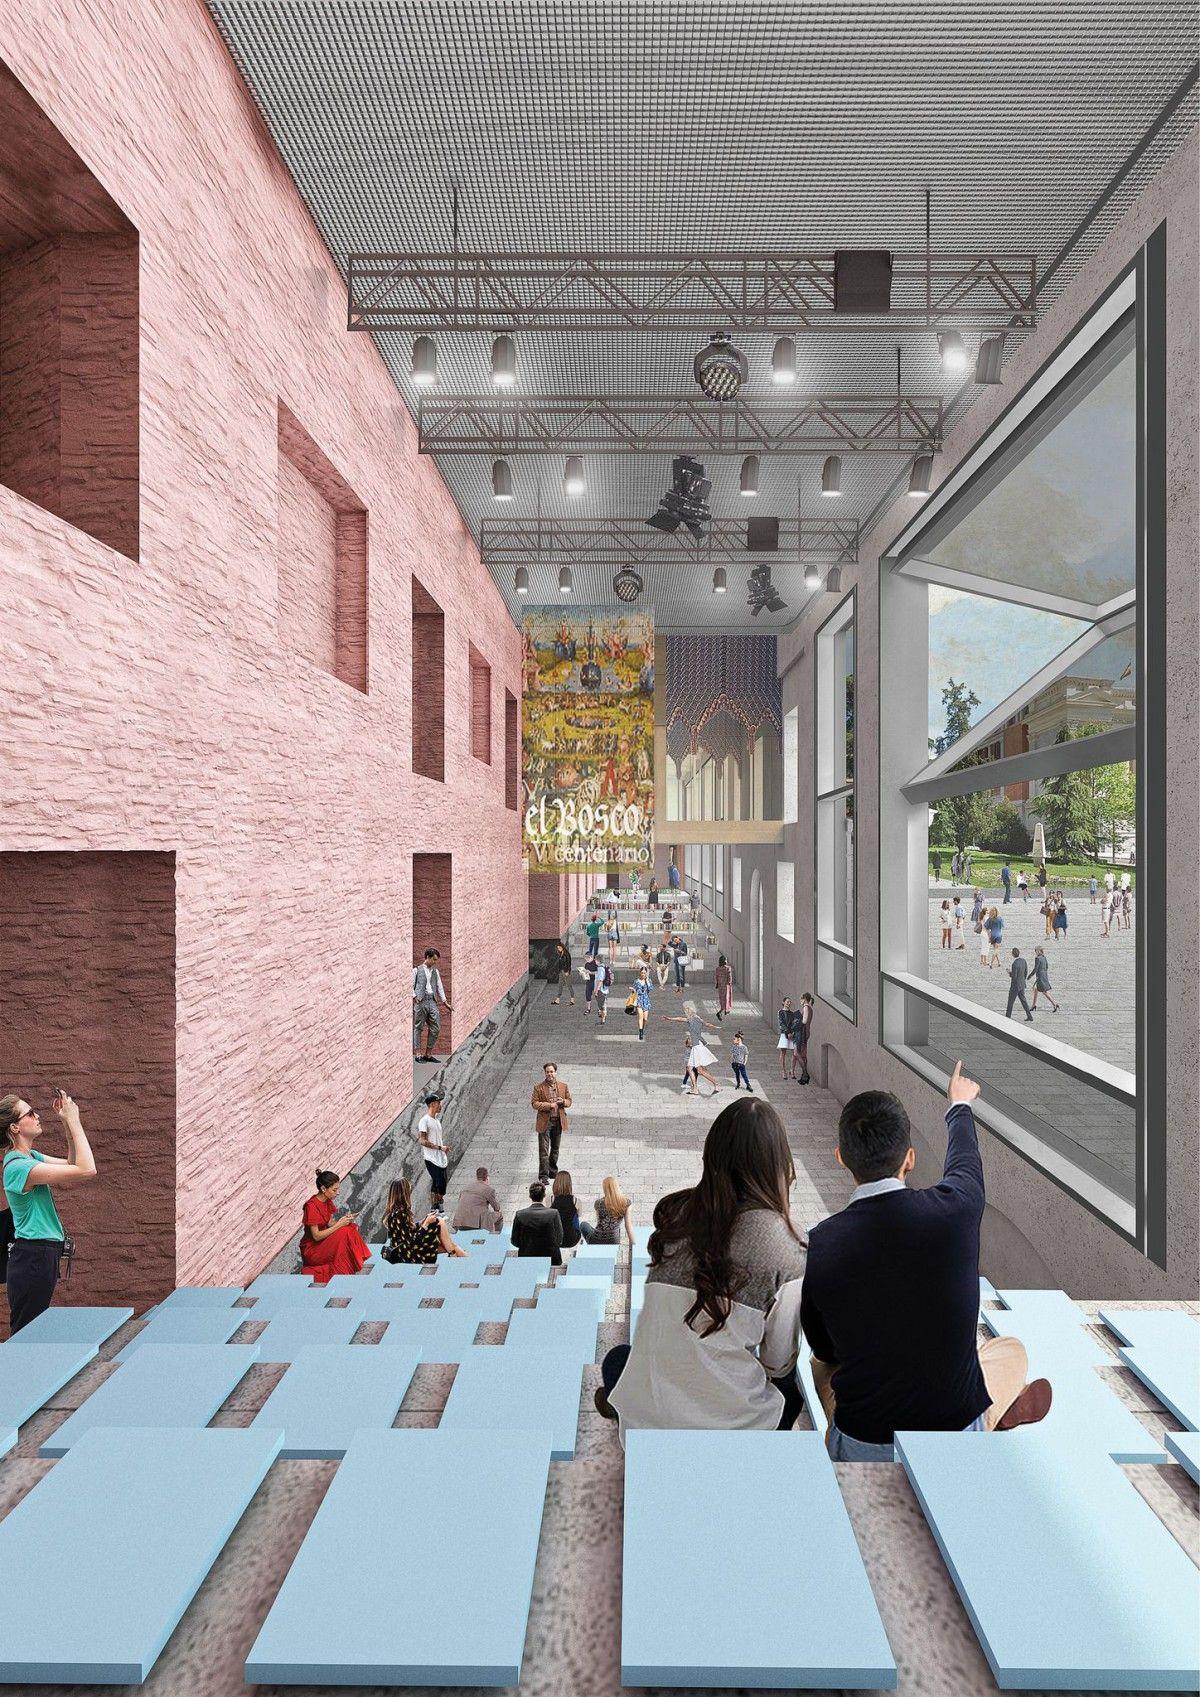 Oma . Museo Del Prado Extension Madrid 19 Rem Koolhaas Representa Grafica